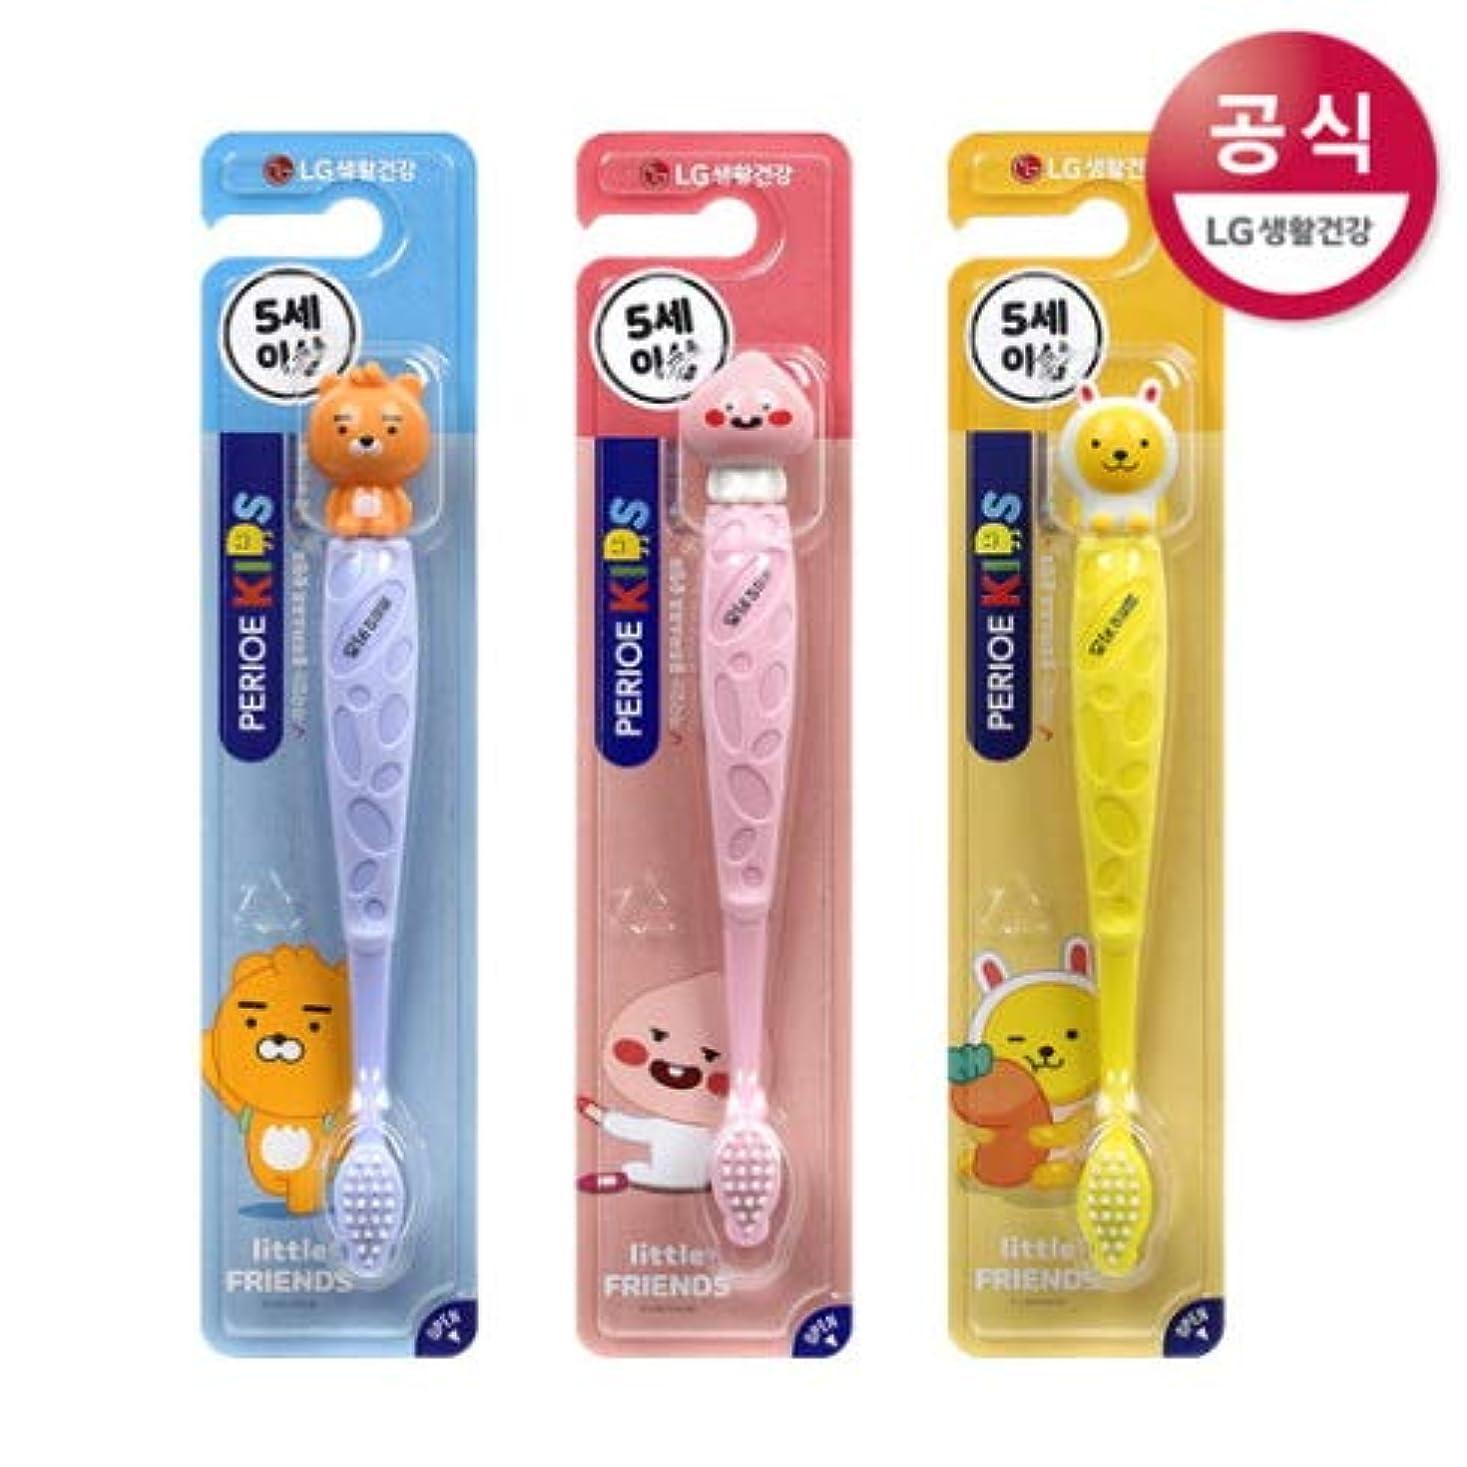 少ない封筒極めて[LG HnB] Pero Kids Cocoa Figure Toothbrush/ペリオ子供カカオフィギュア歯ブラシ 1口x3個(海外直送品)